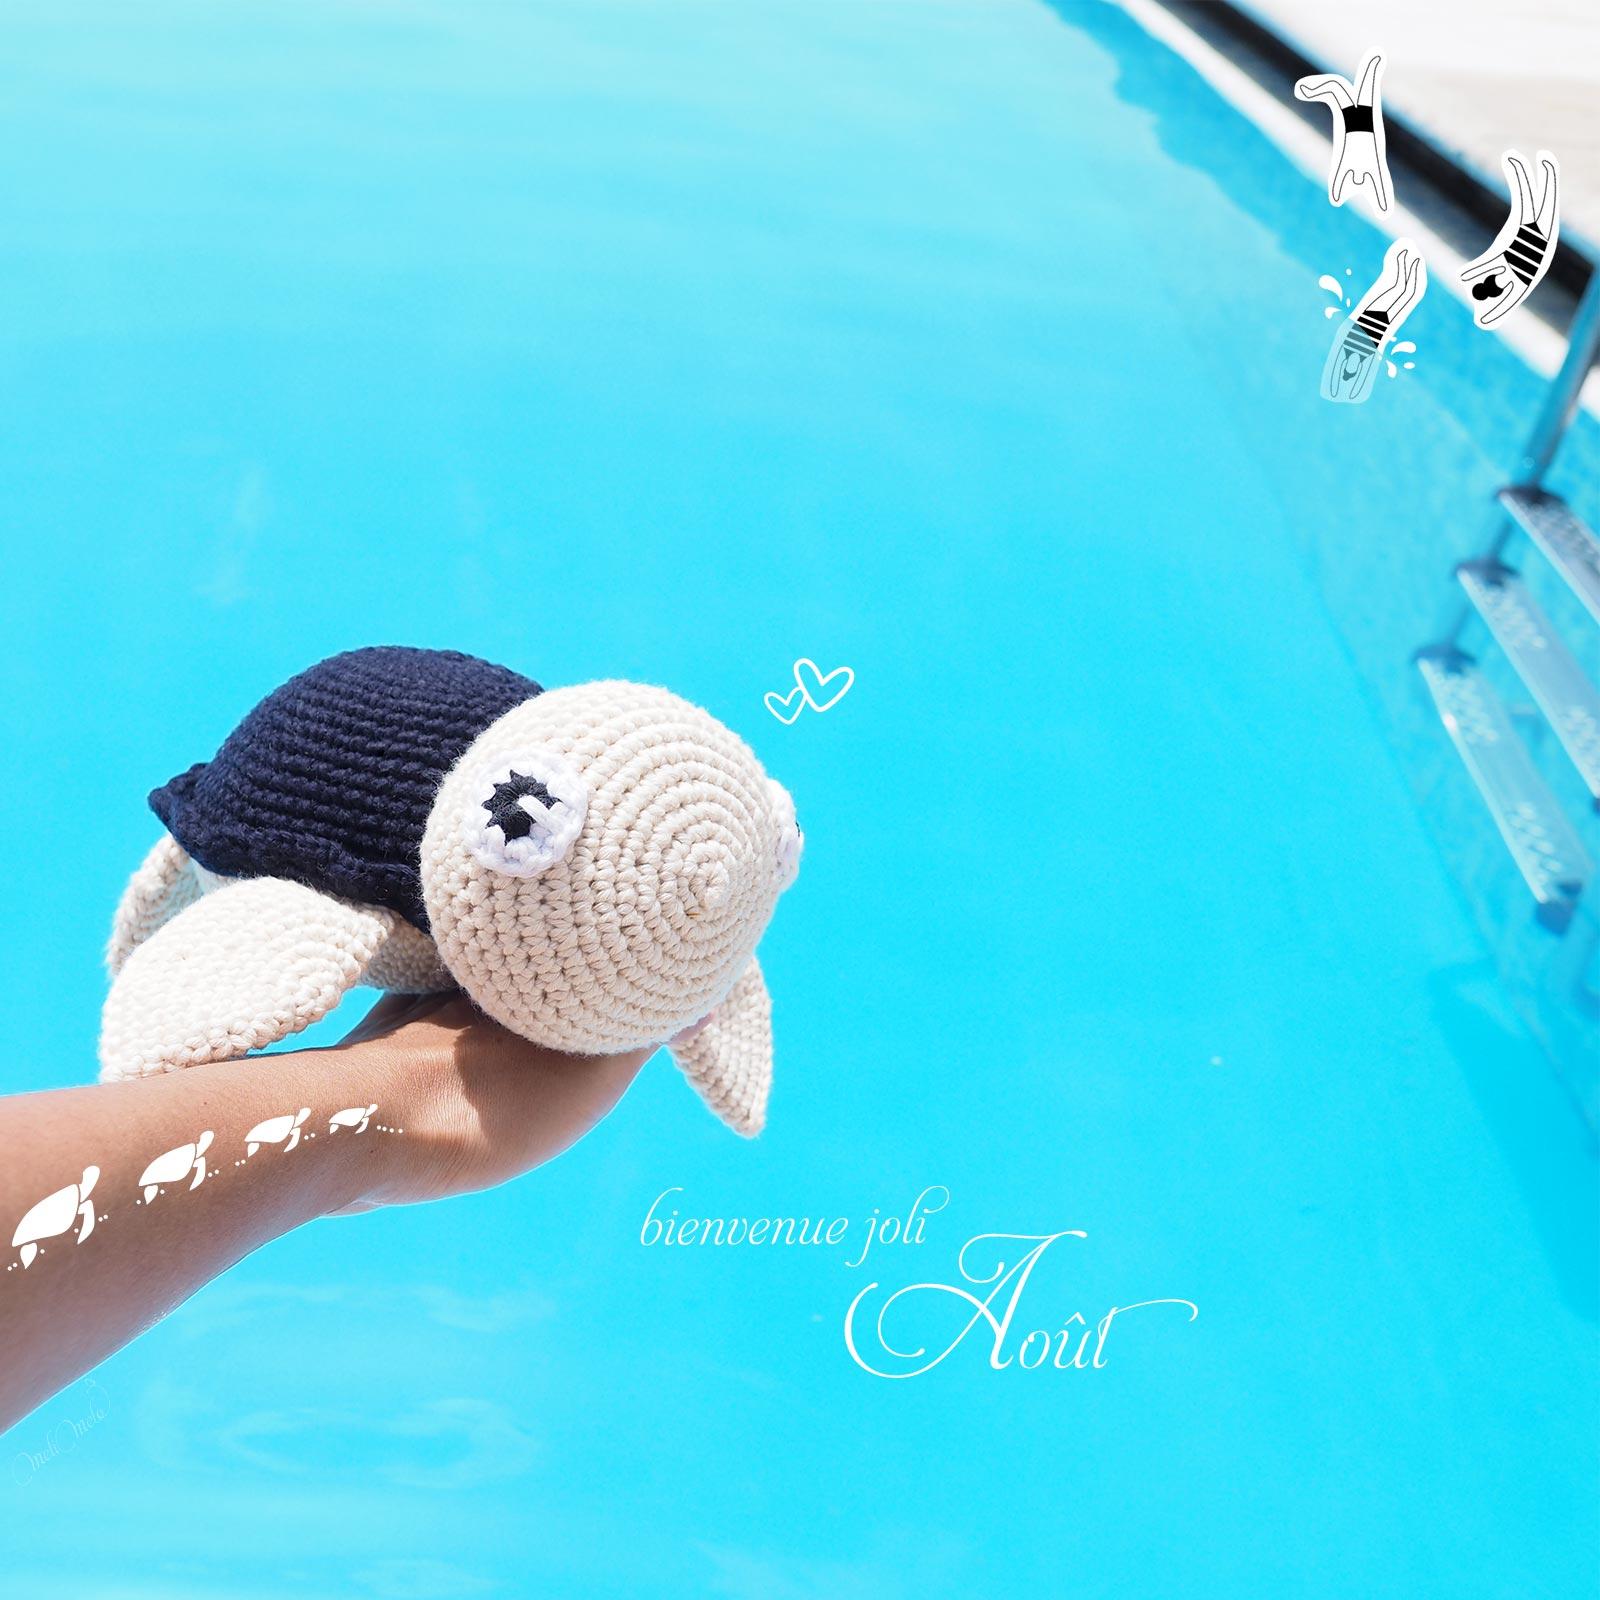 tortue piscine été bleu crochet bienvenue août summer woolandthegang laboutiquedemelimelo